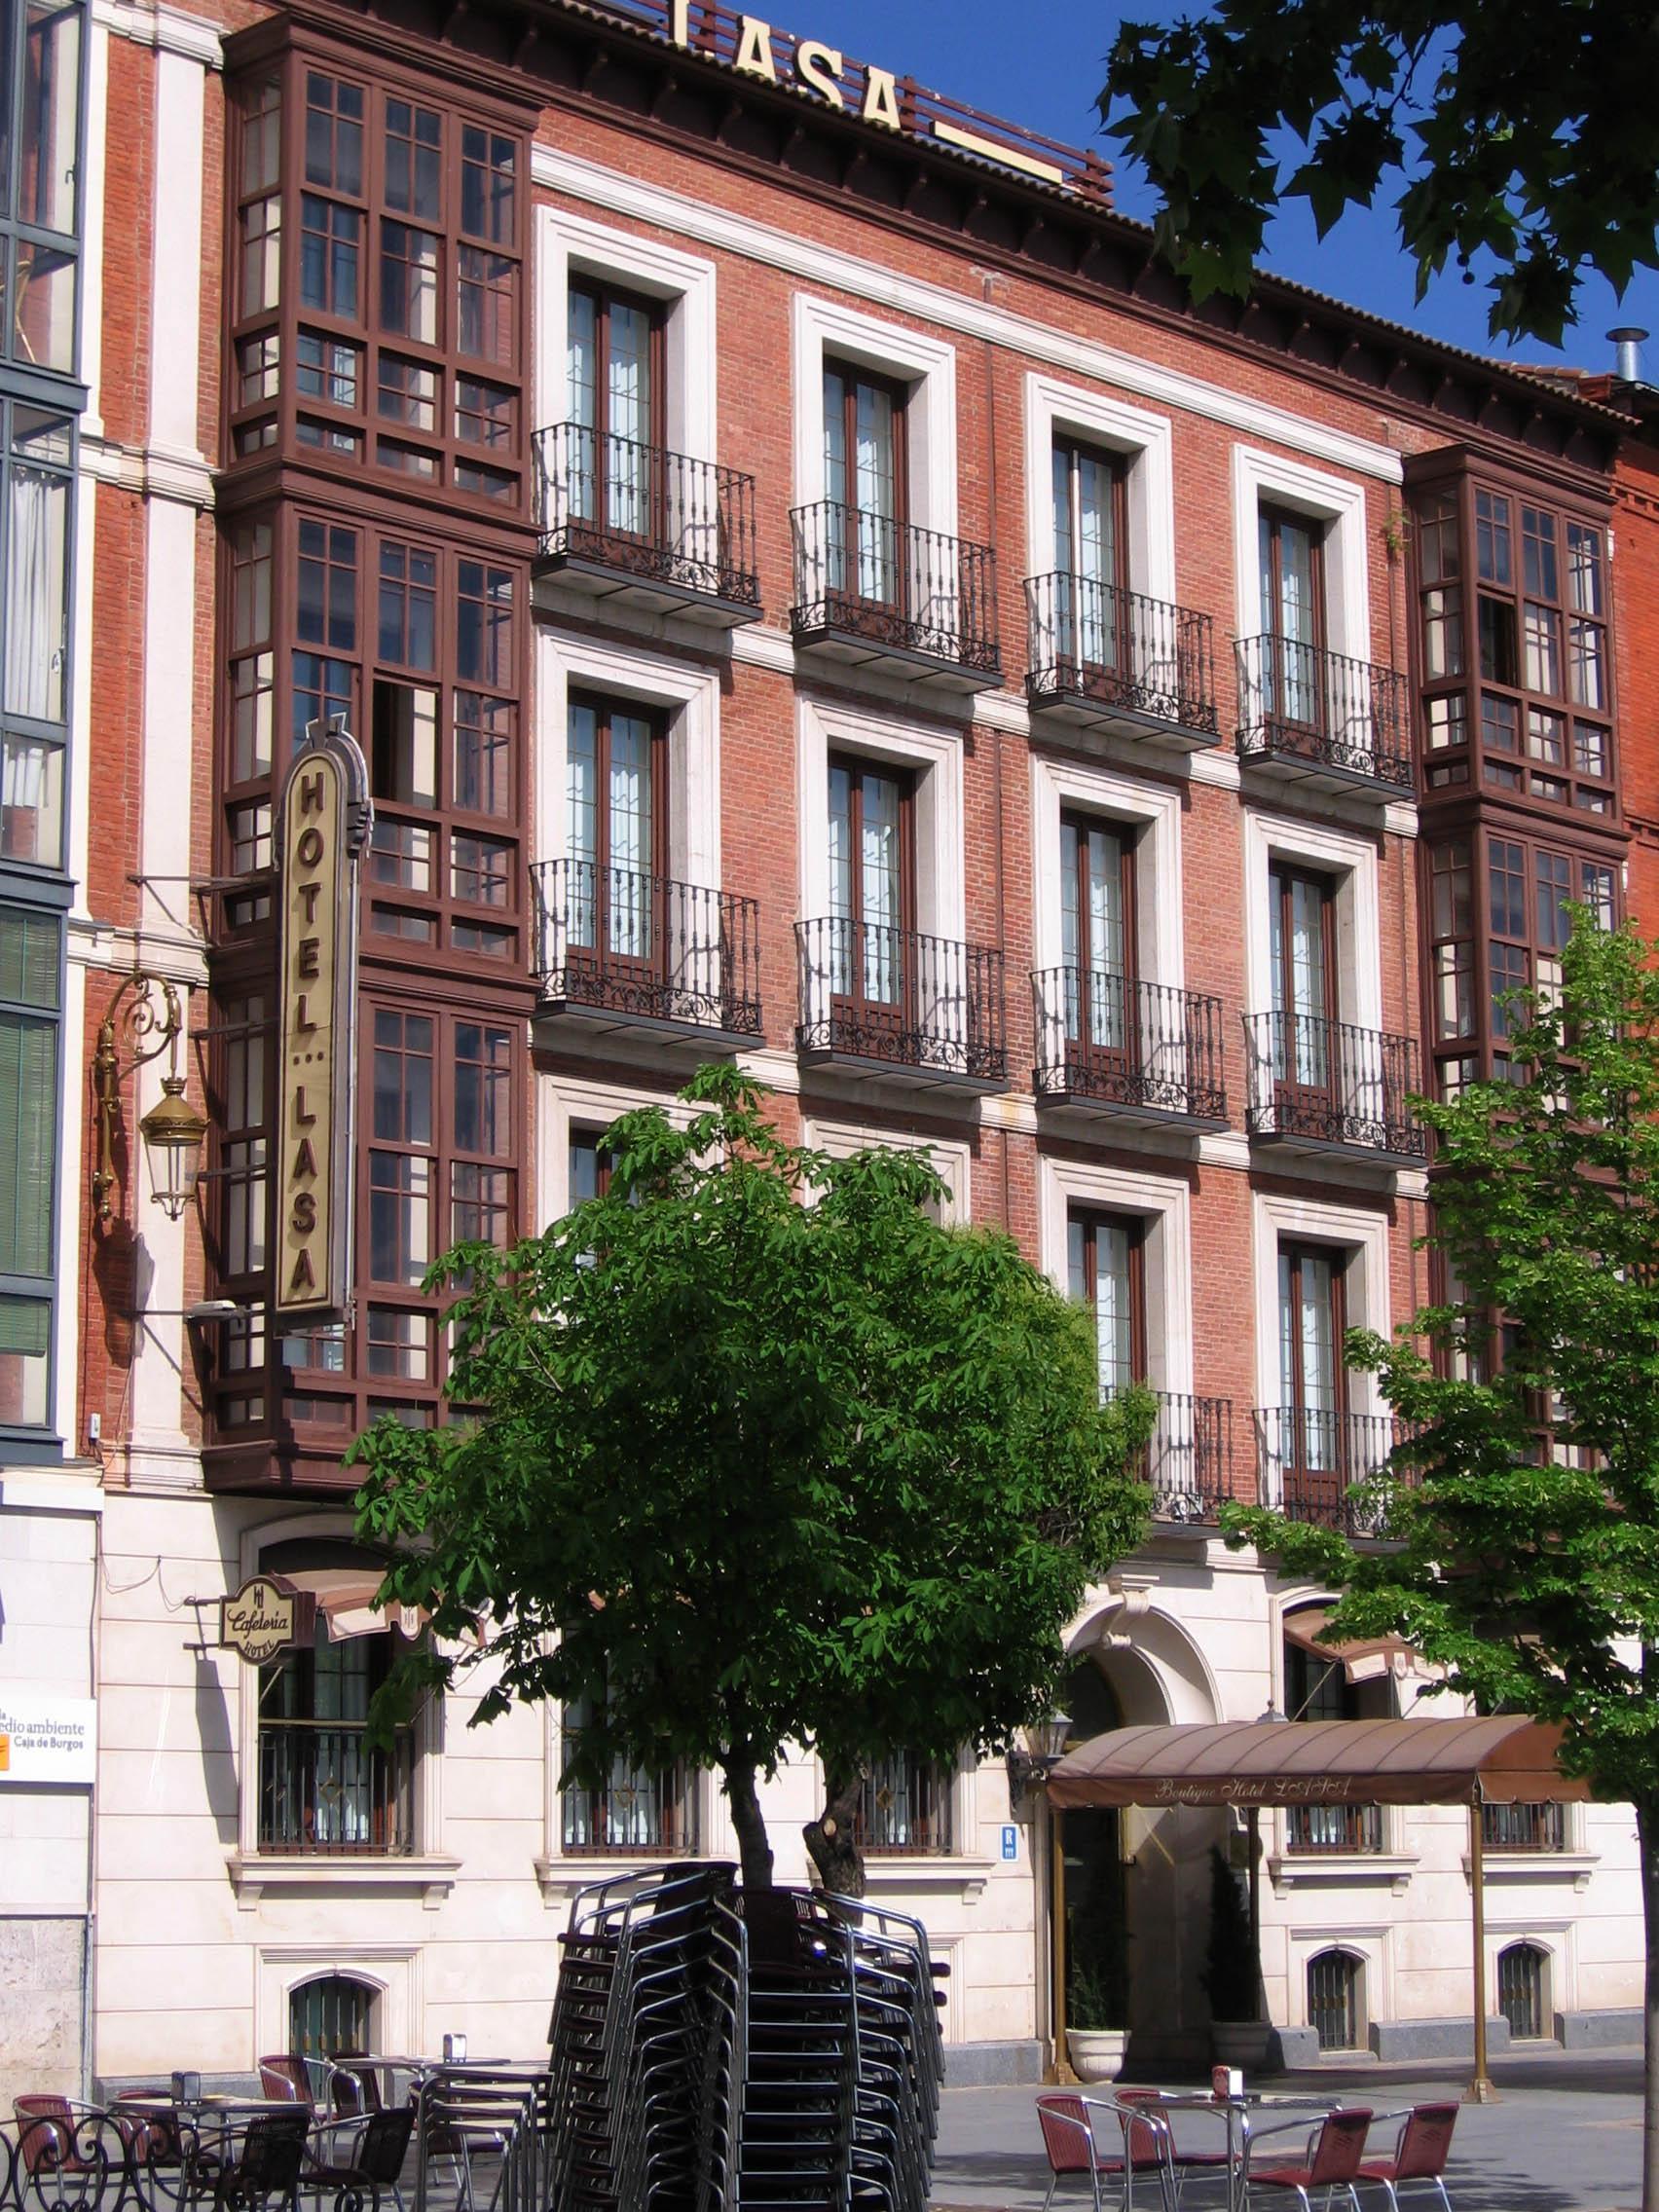 The Hotel Lasa